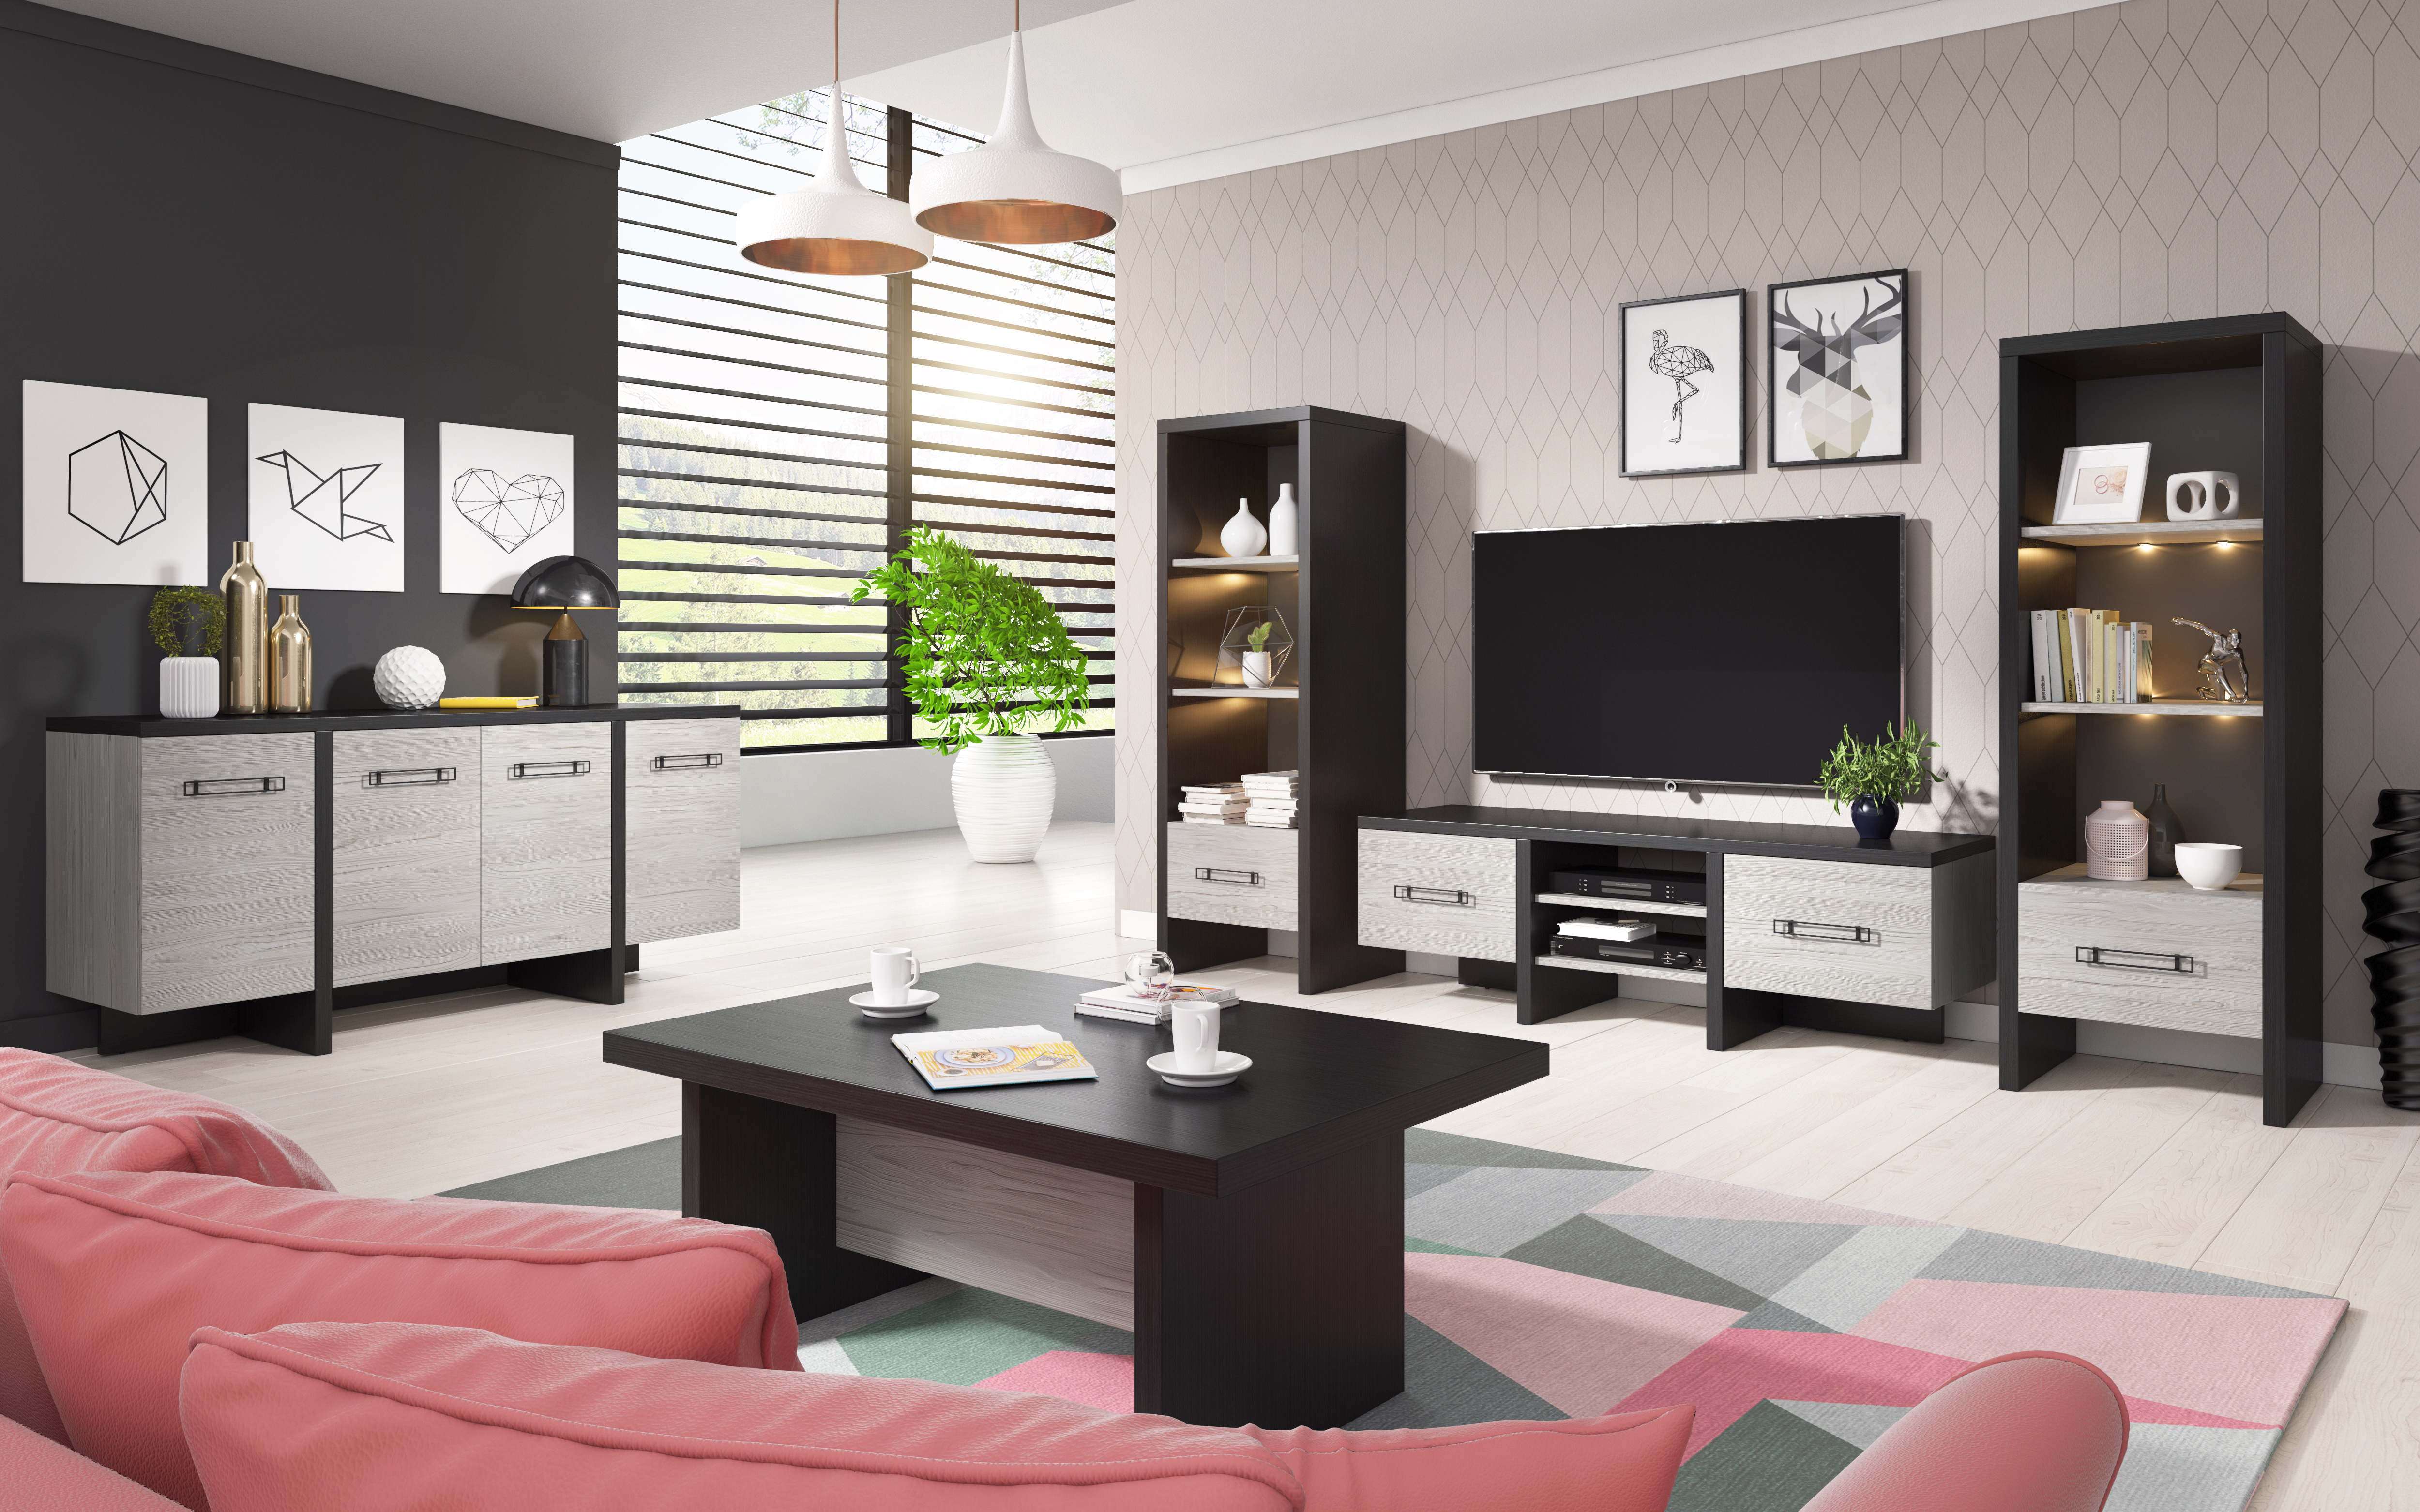 Luxusní obývací pokoj Olsen - Inspirace a fotogalerie